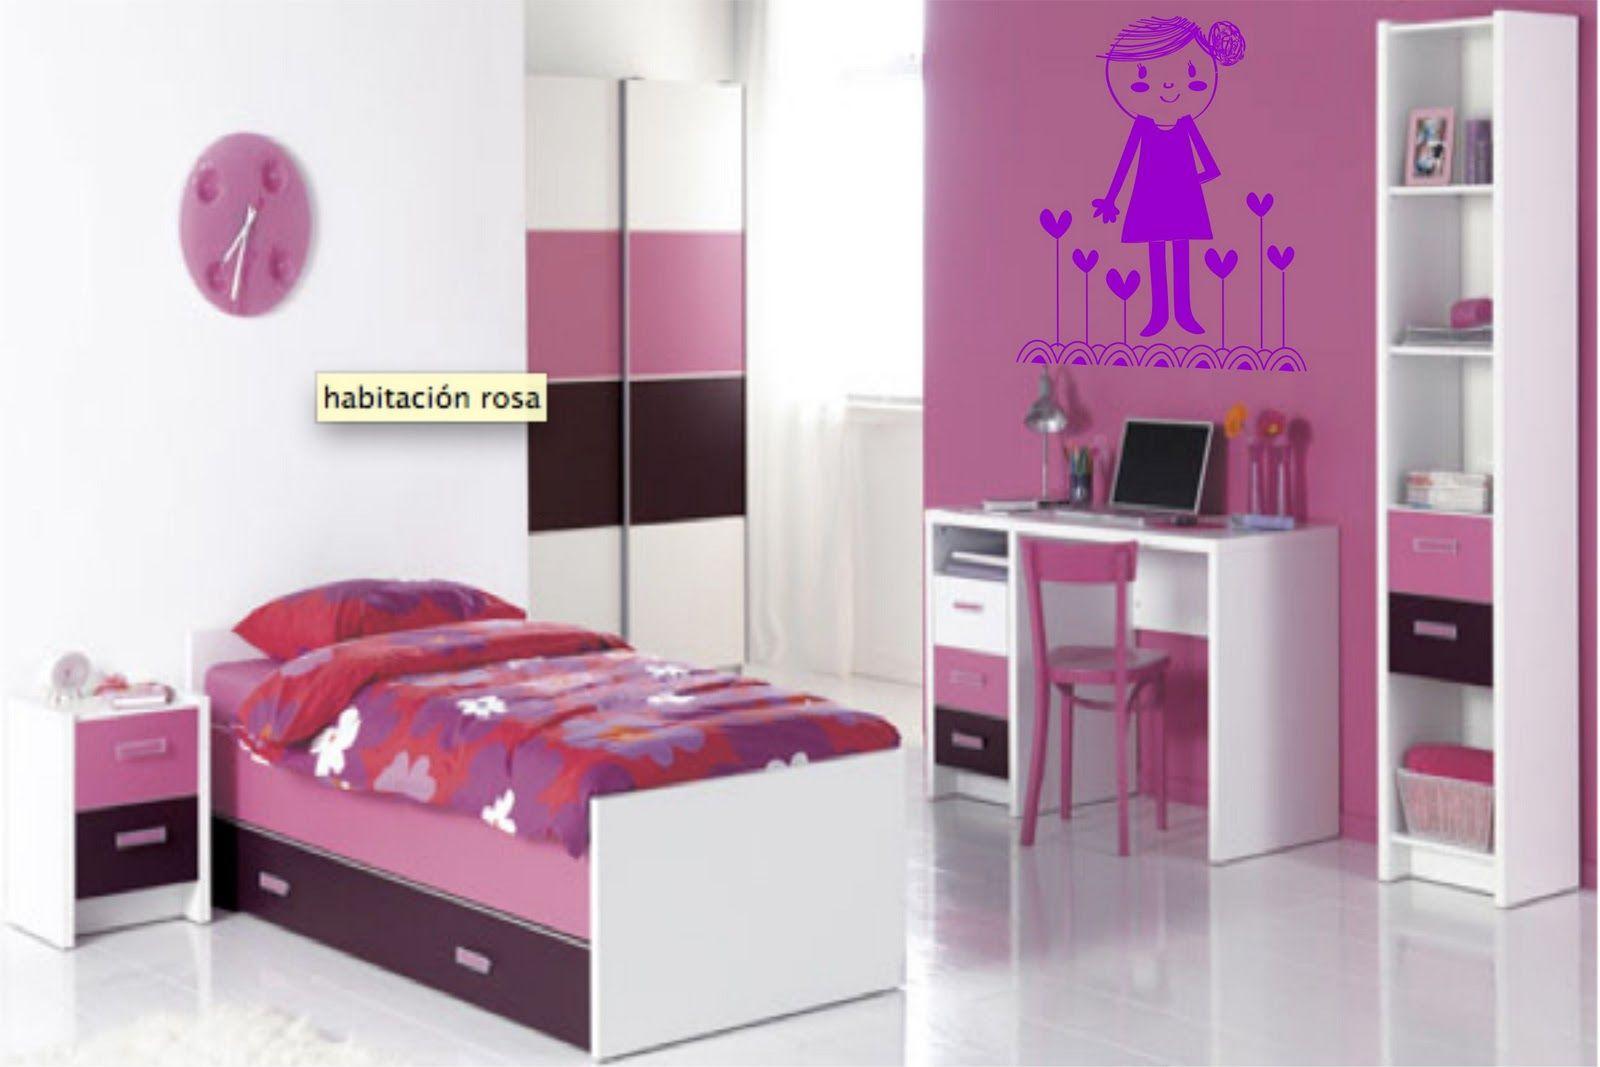 Gut Schreckliche Kinder Möbel Schlafzimmer   Kindermöbel